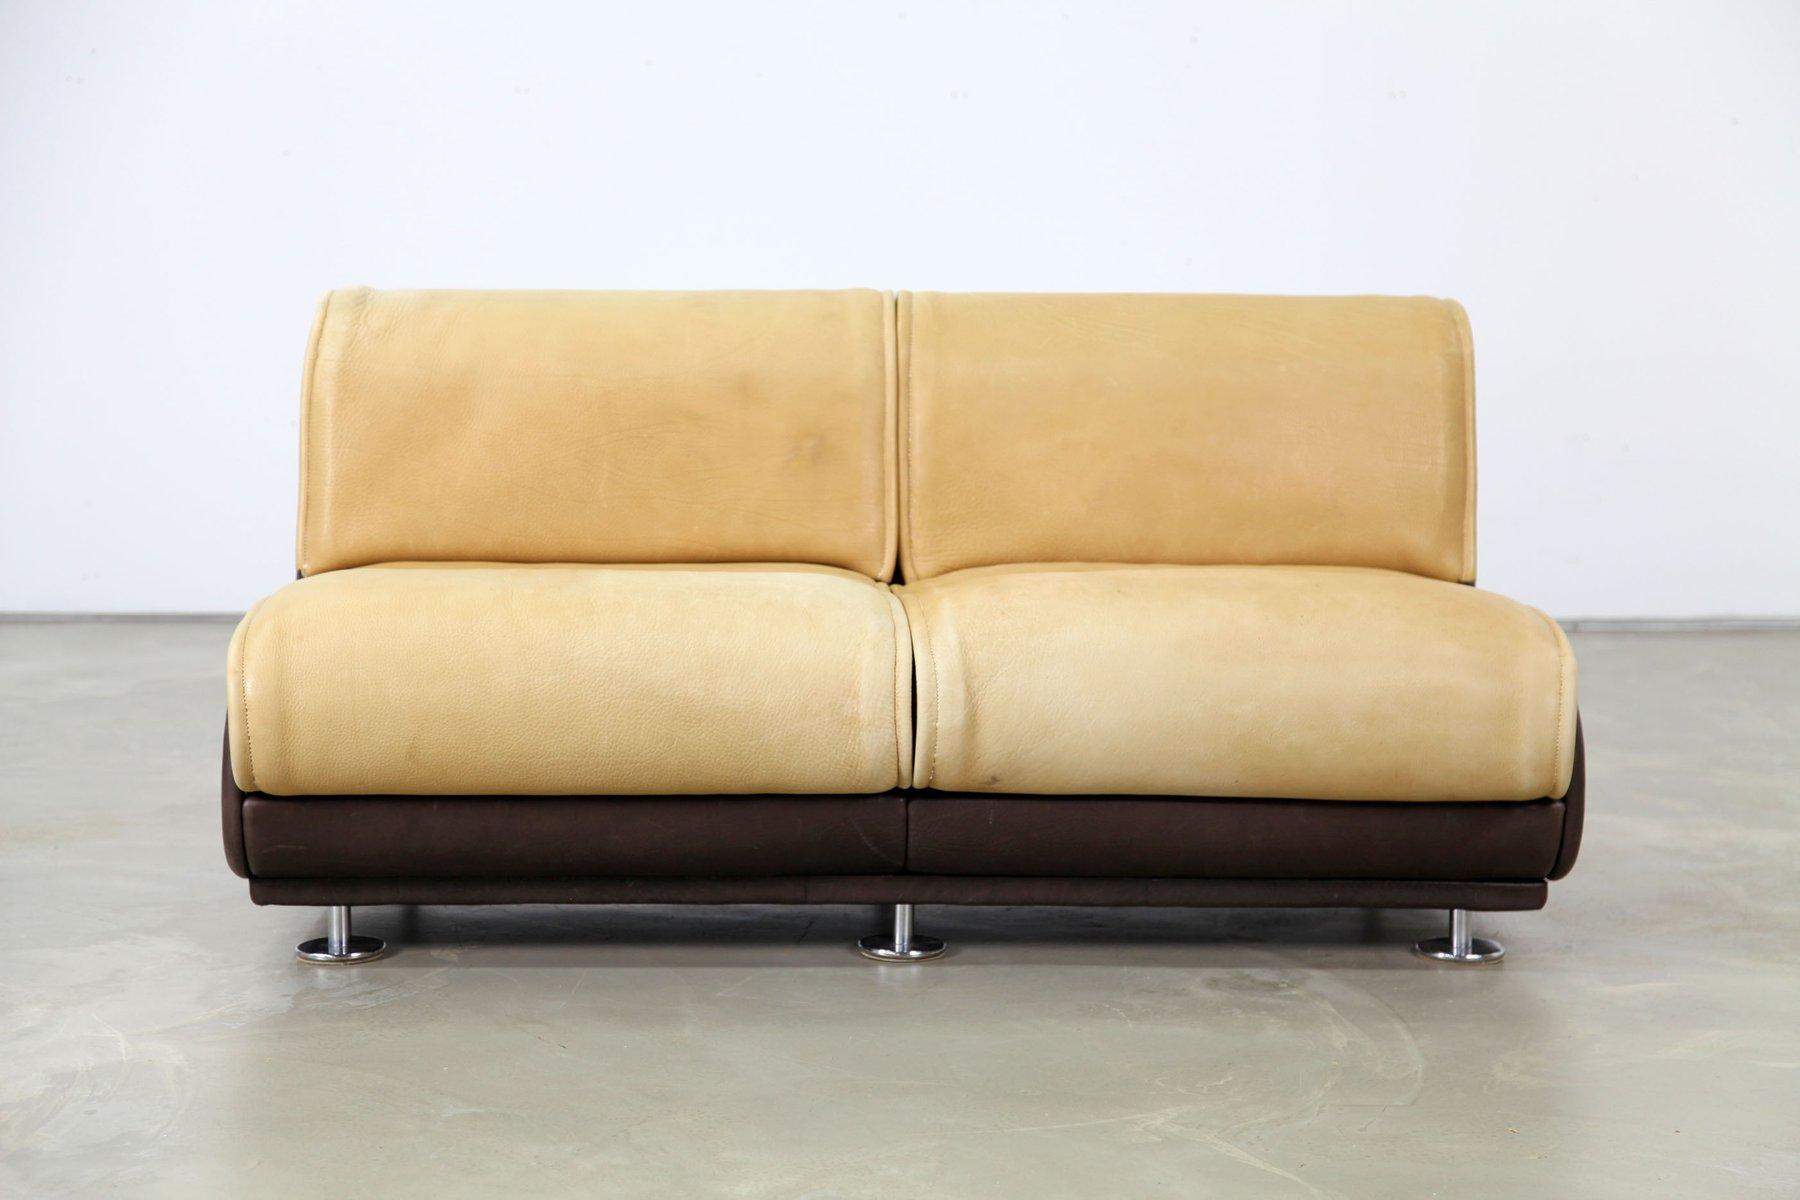 zwei sitzer sofa aus nackenleder von de sede 1970er bei pamono kaufen. Black Bedroom Furniture Sets. Home Design Ideas